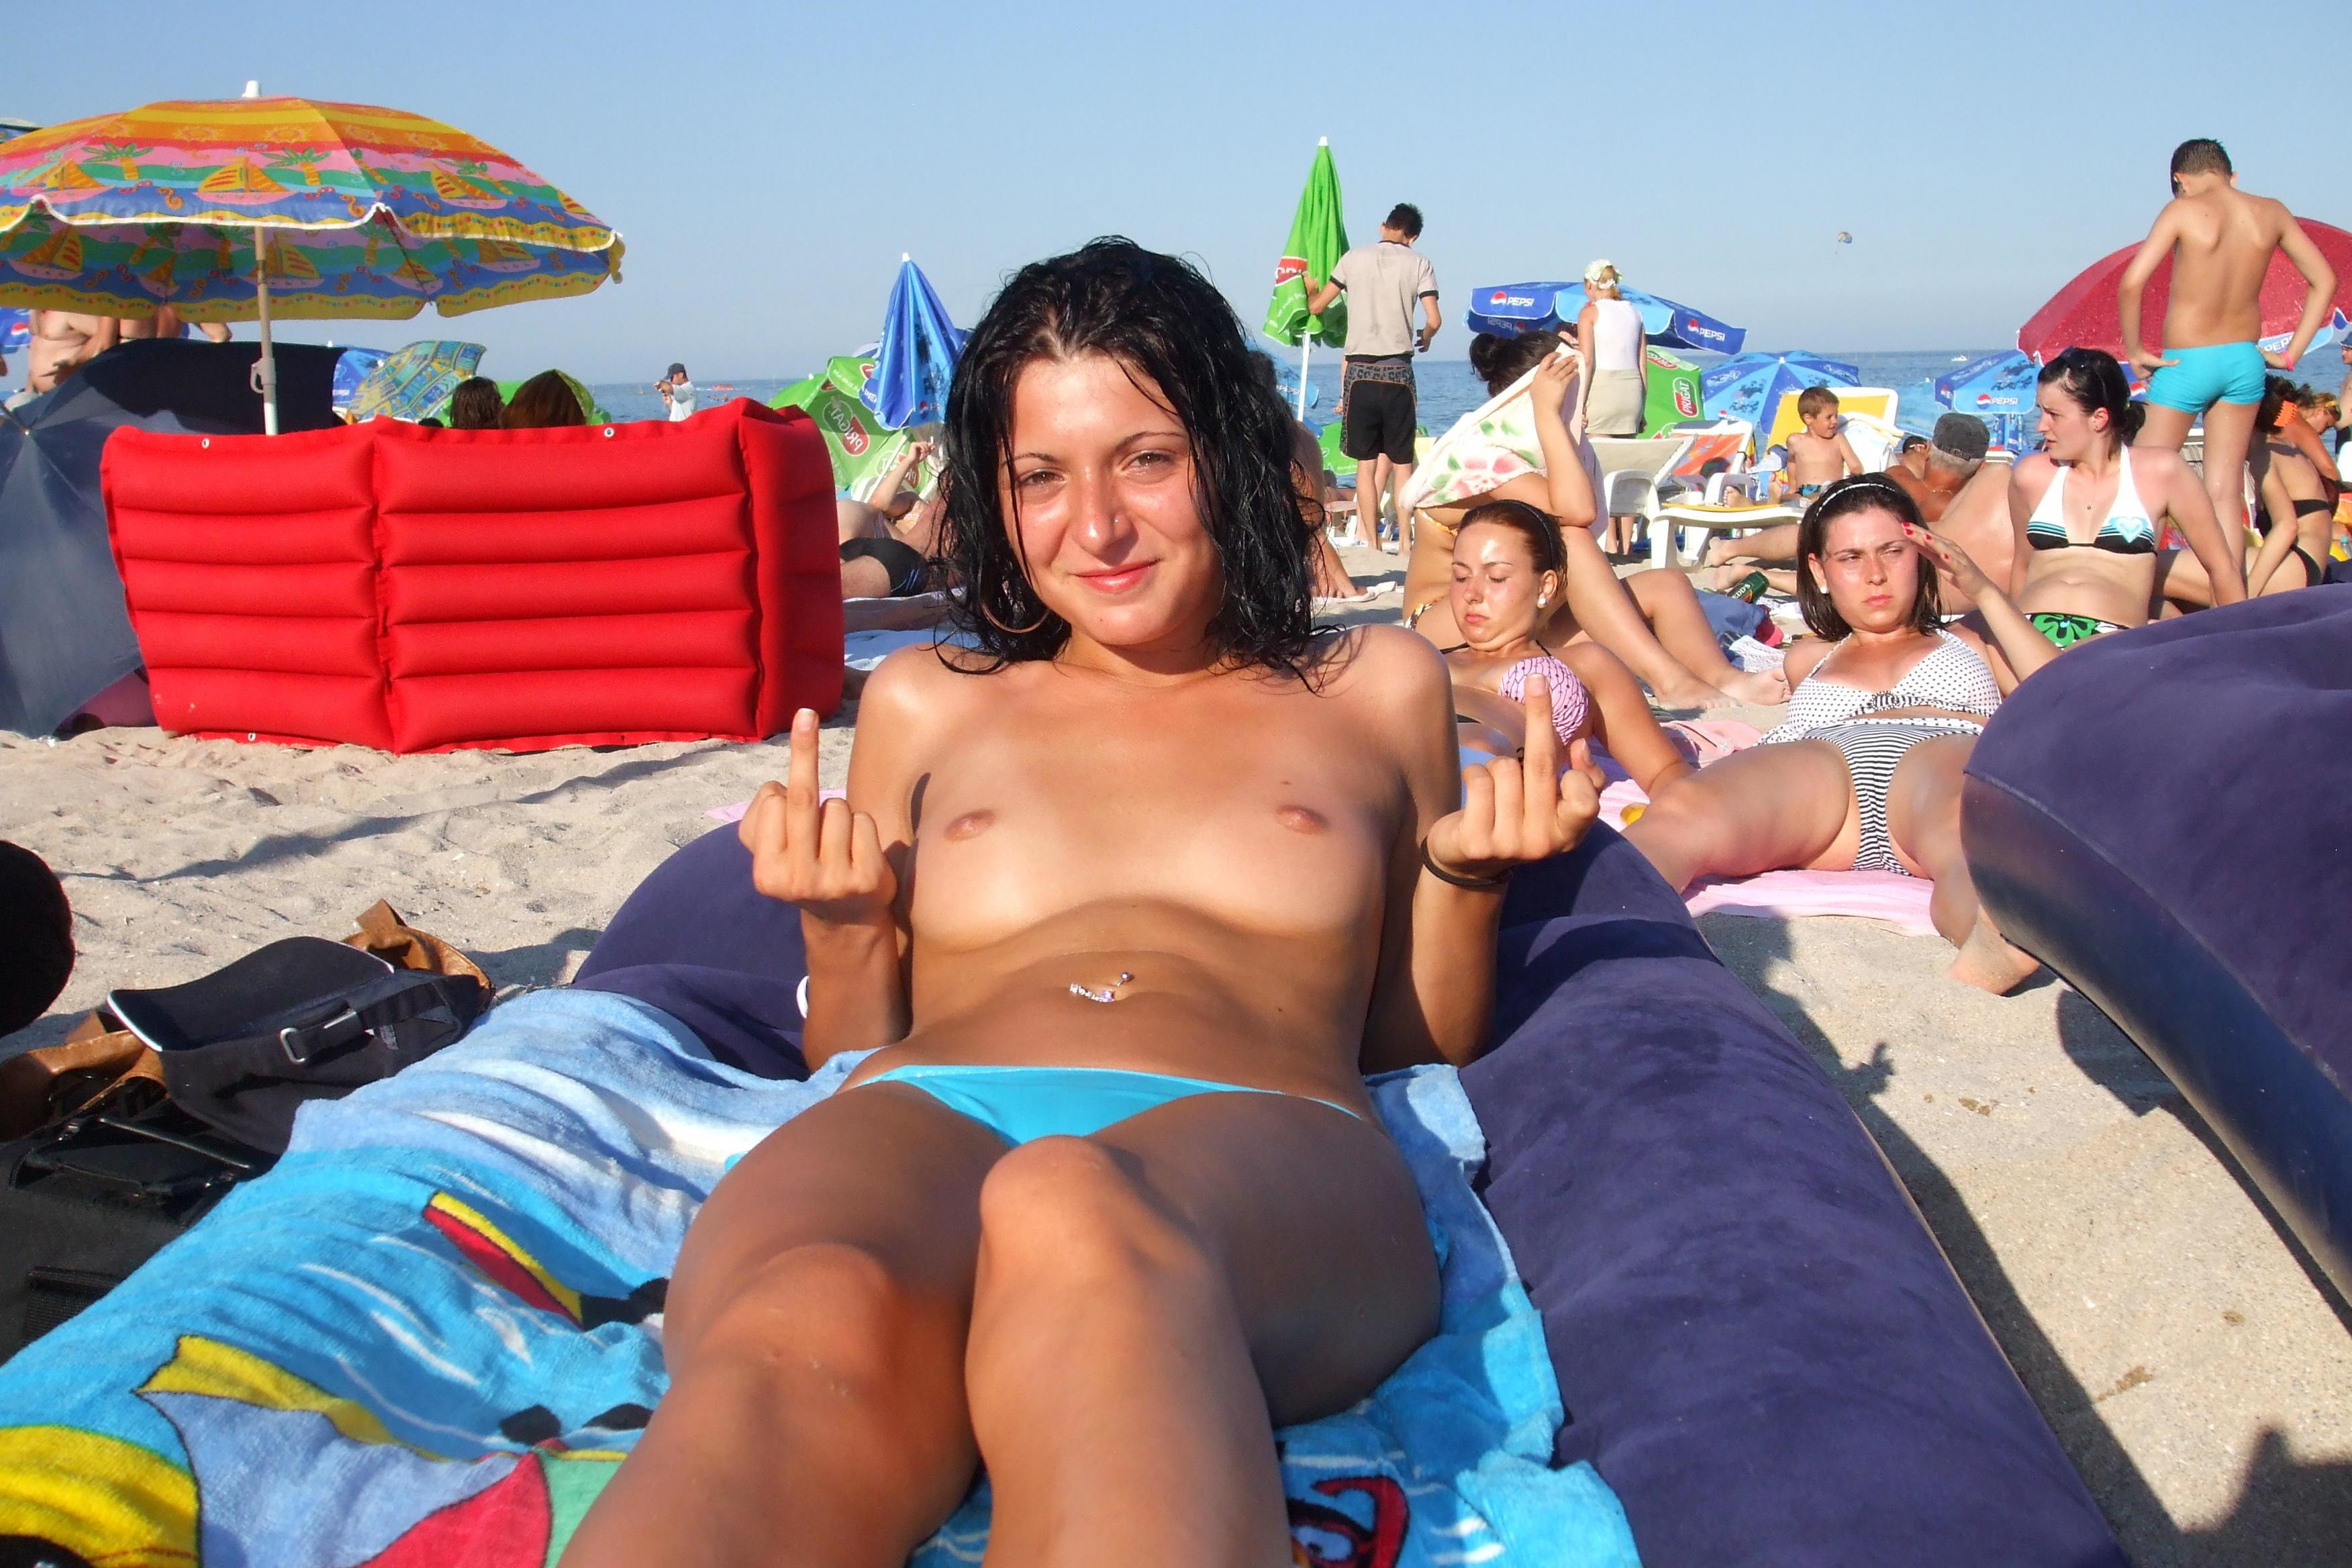 nudists-girls-boobs-beach-topless-mix-vol7-59